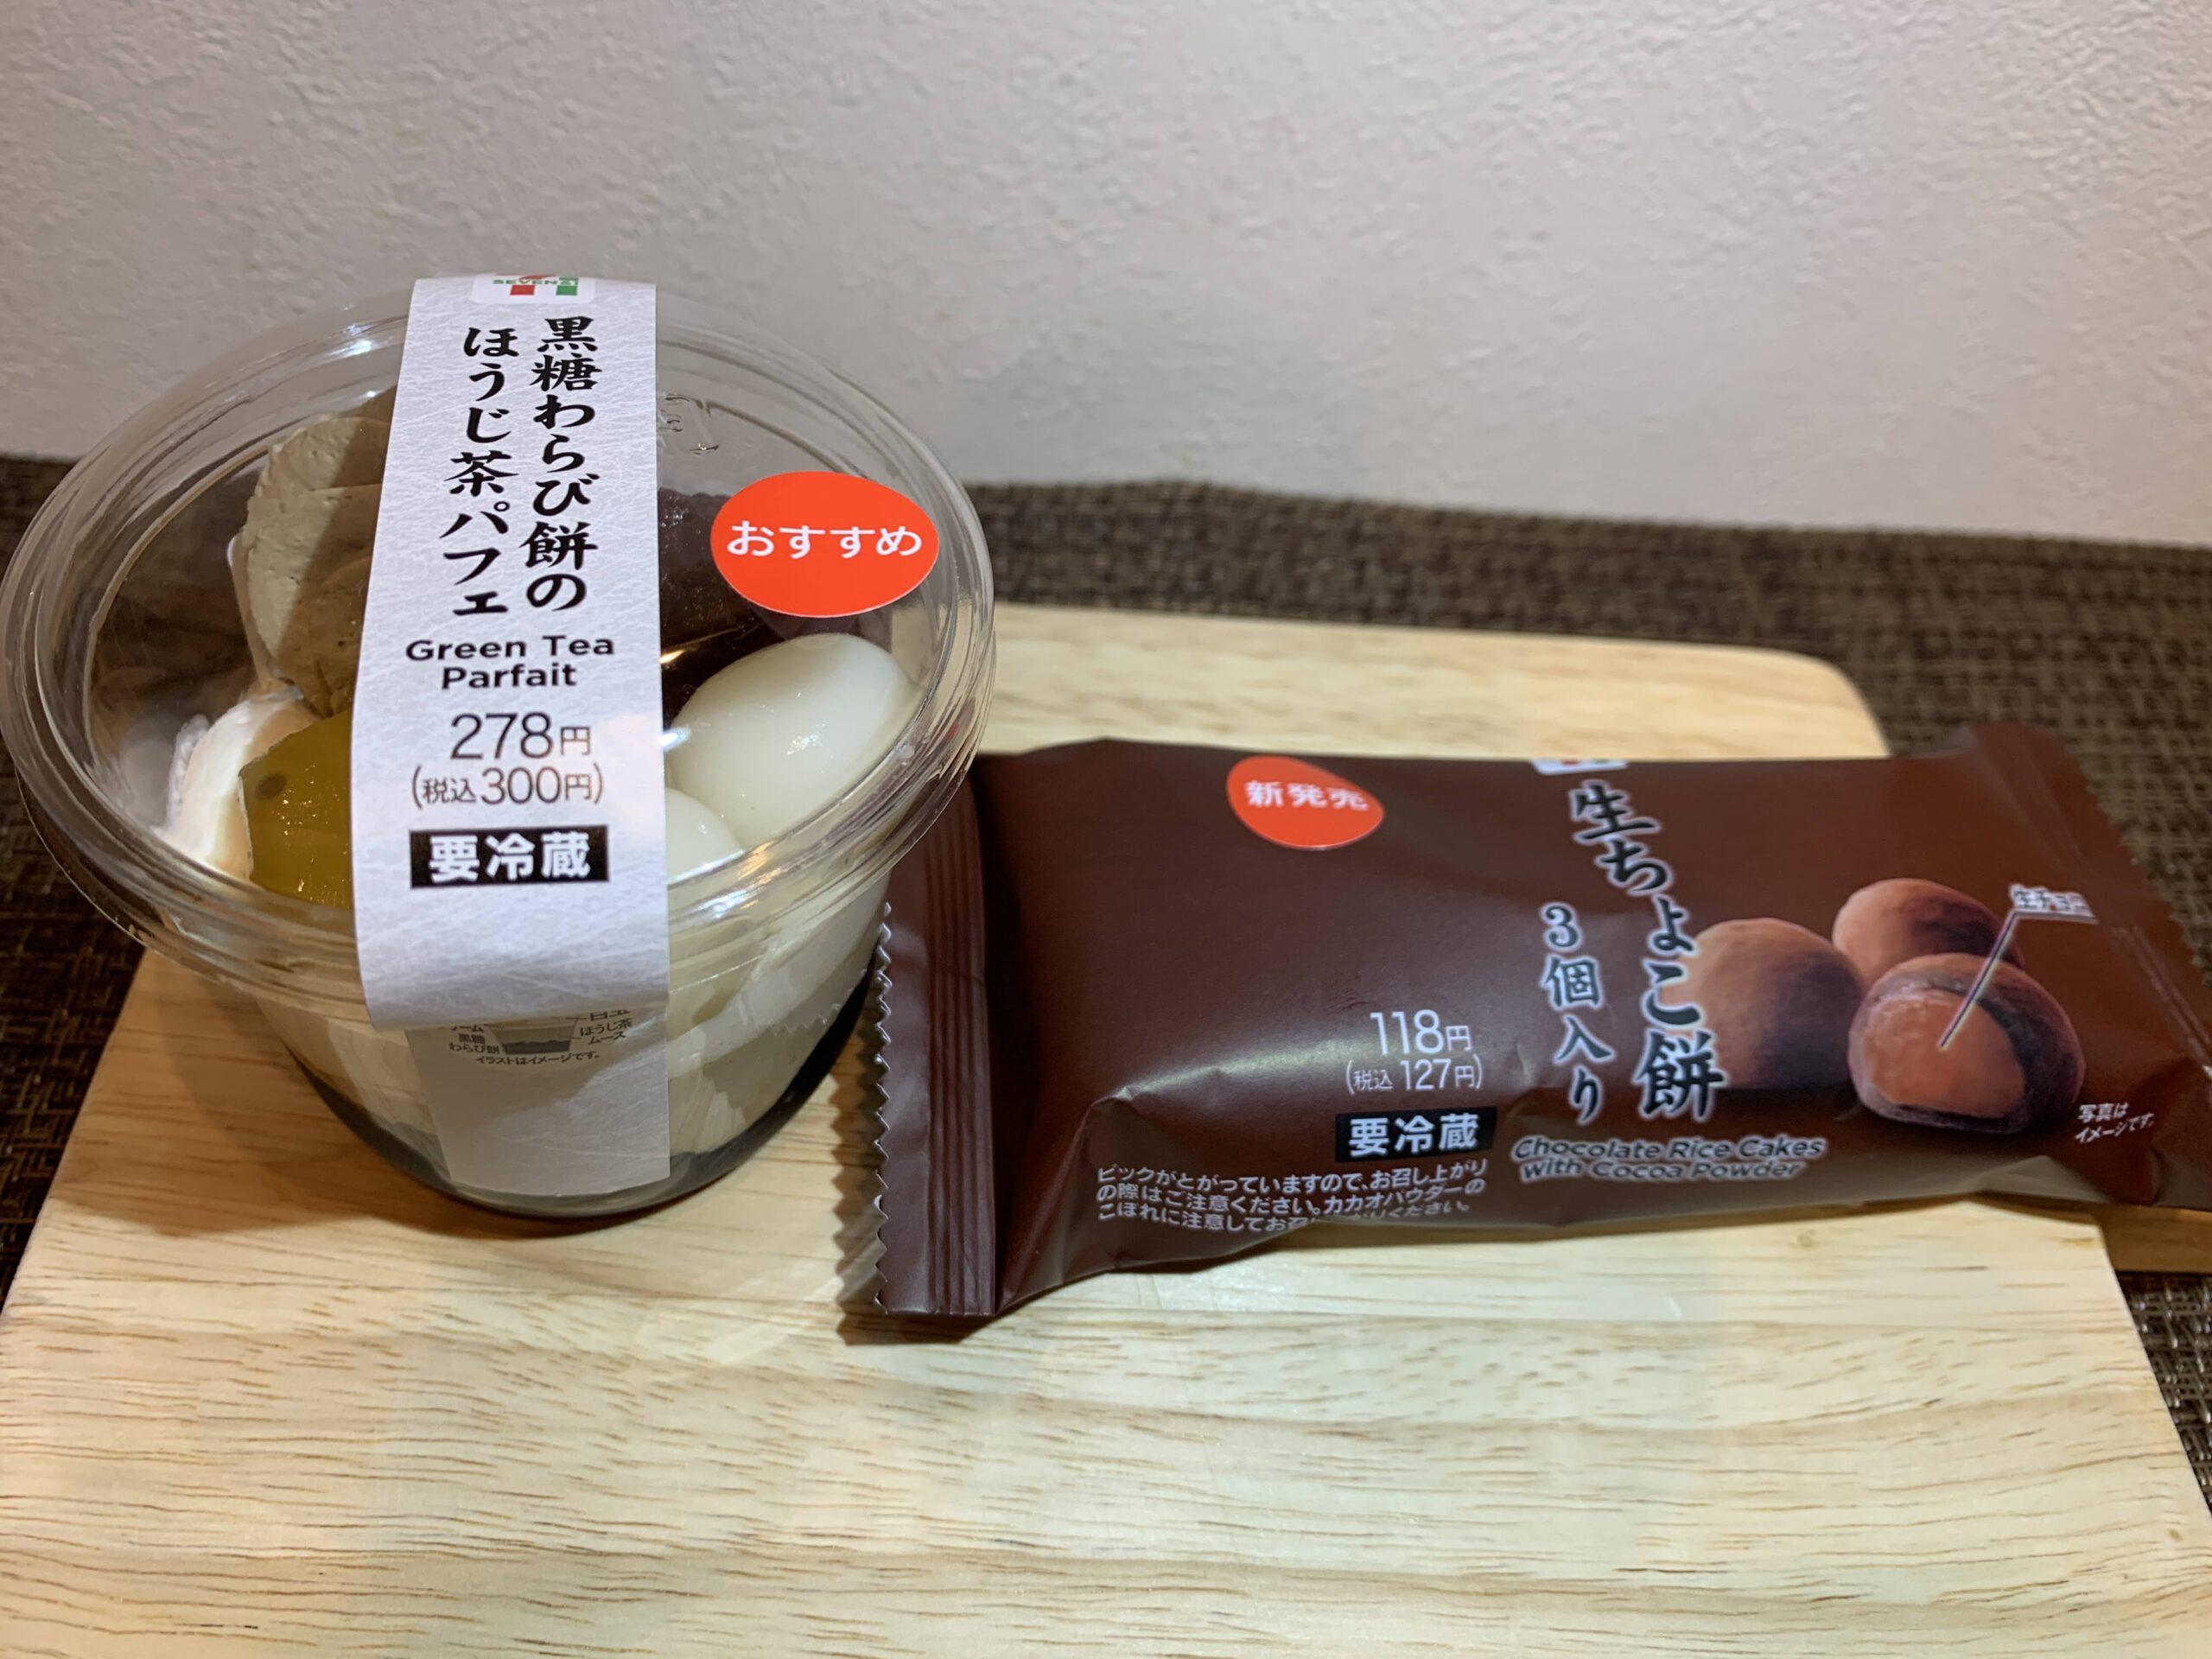 セブンスイーツ黒糖わらび餅のほうじ茶パフェ&生チョコ餅3個入りを食べてみた